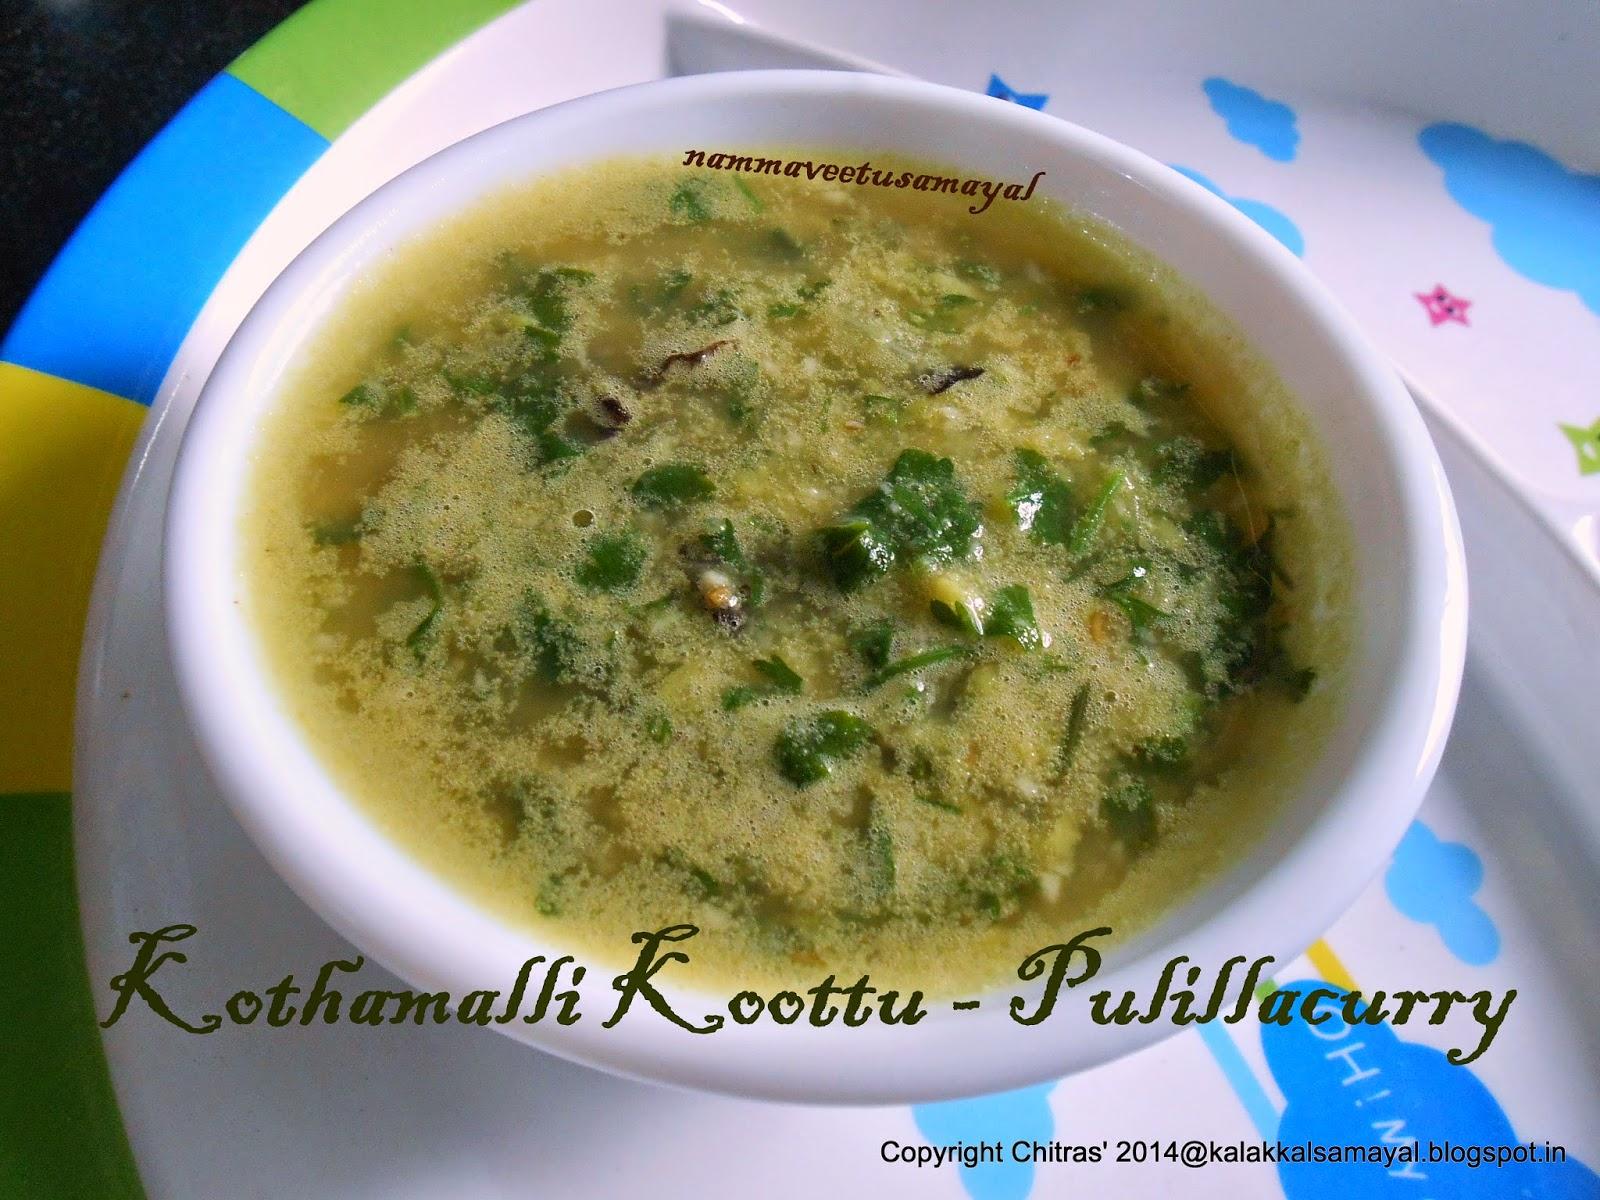 Kothamalli Koottu [ Pulillacurry ]